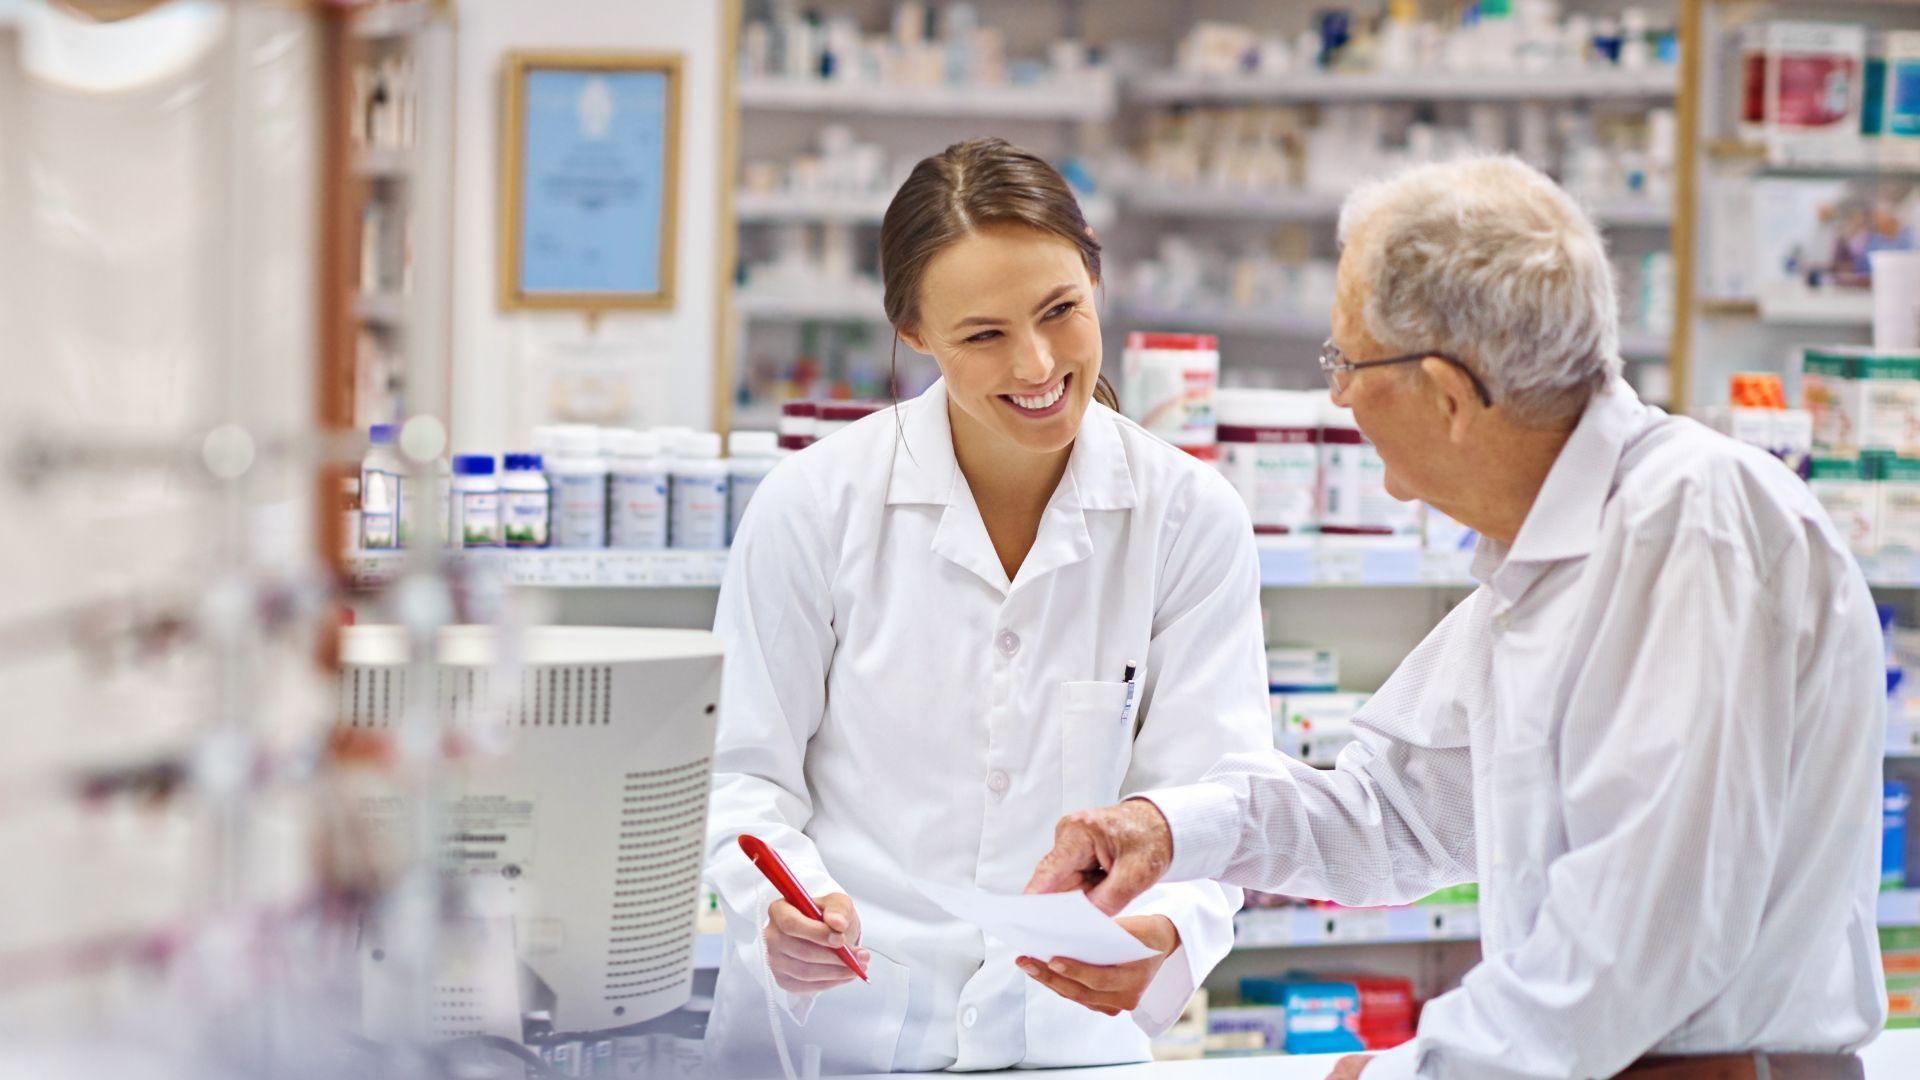 farmacia abierta_mi